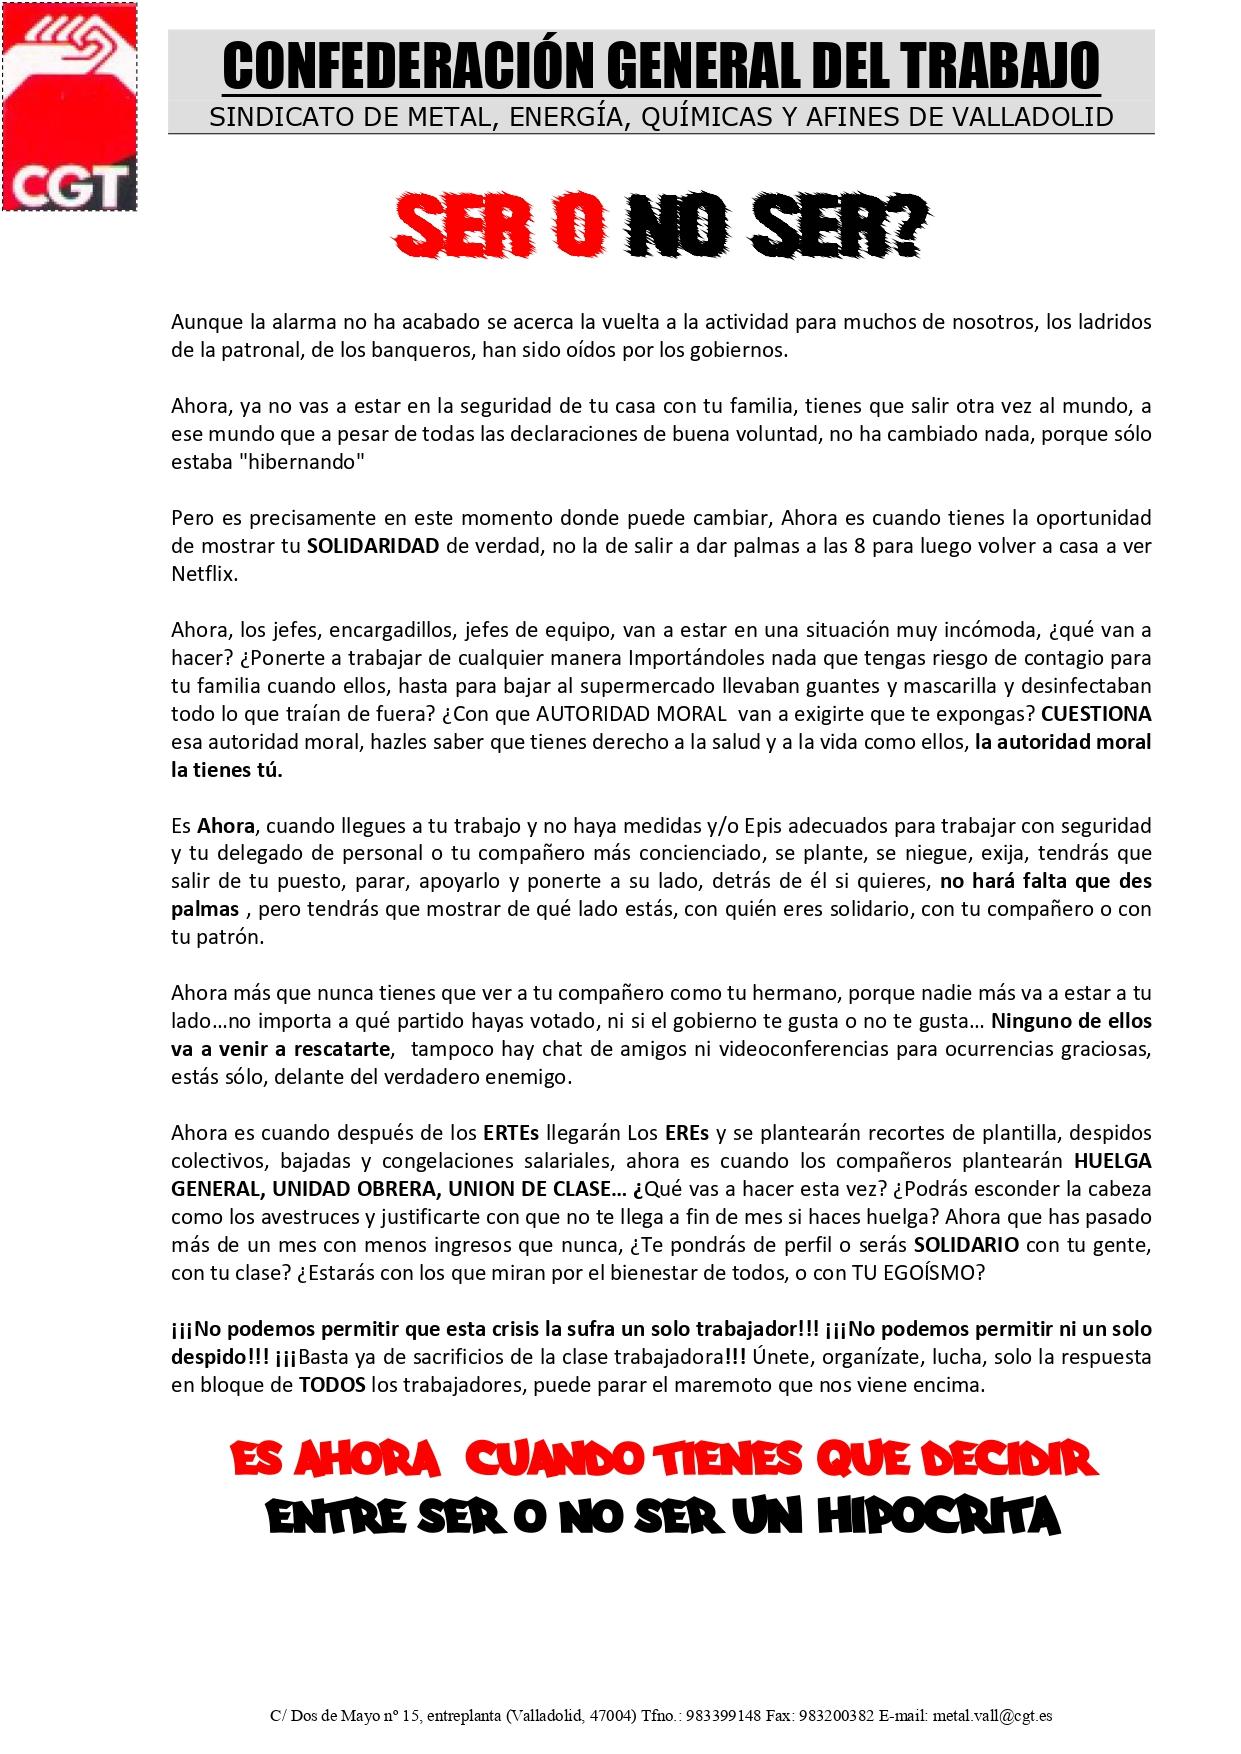 Toño_Ser o no ser_page-0001